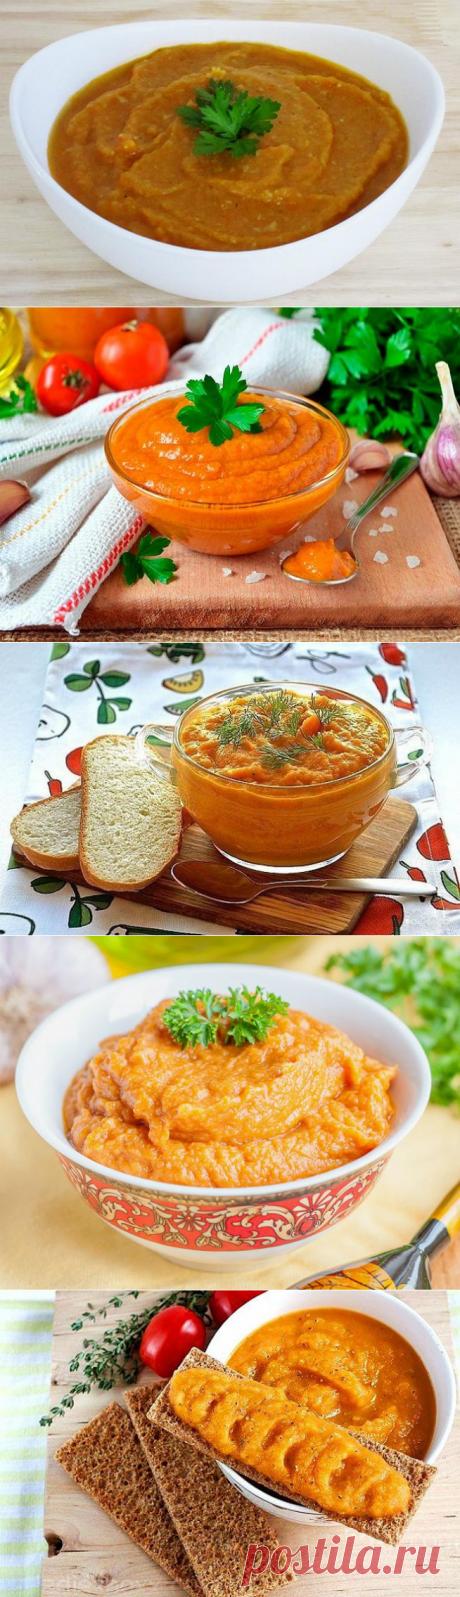 5 лучших рецептов домашней кабачковой икры